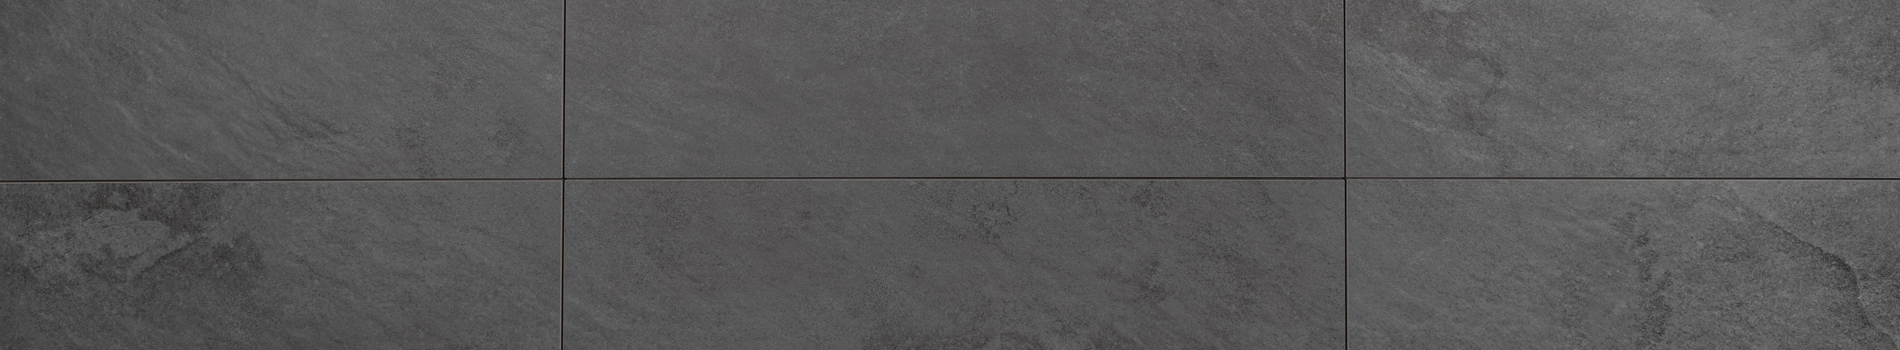 20mm Bodmin Anthracite Design Variation